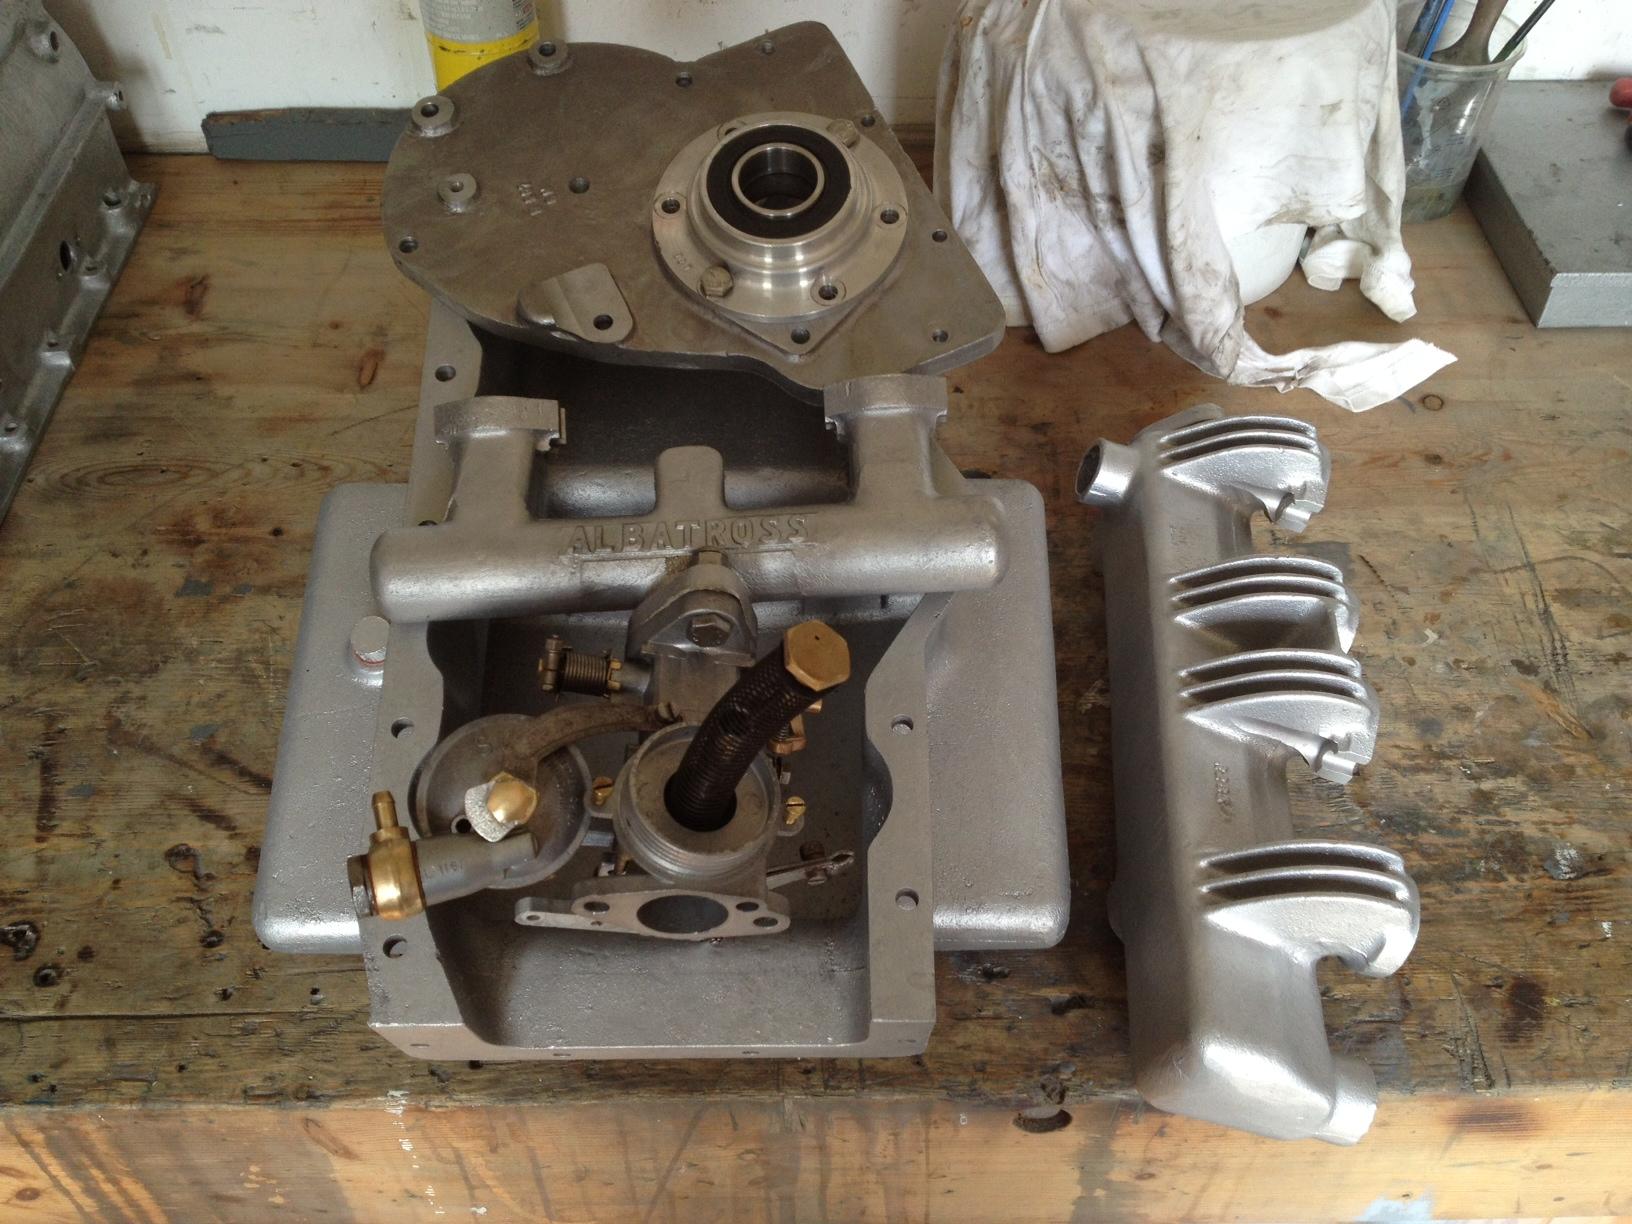 albatross 100e engine castings